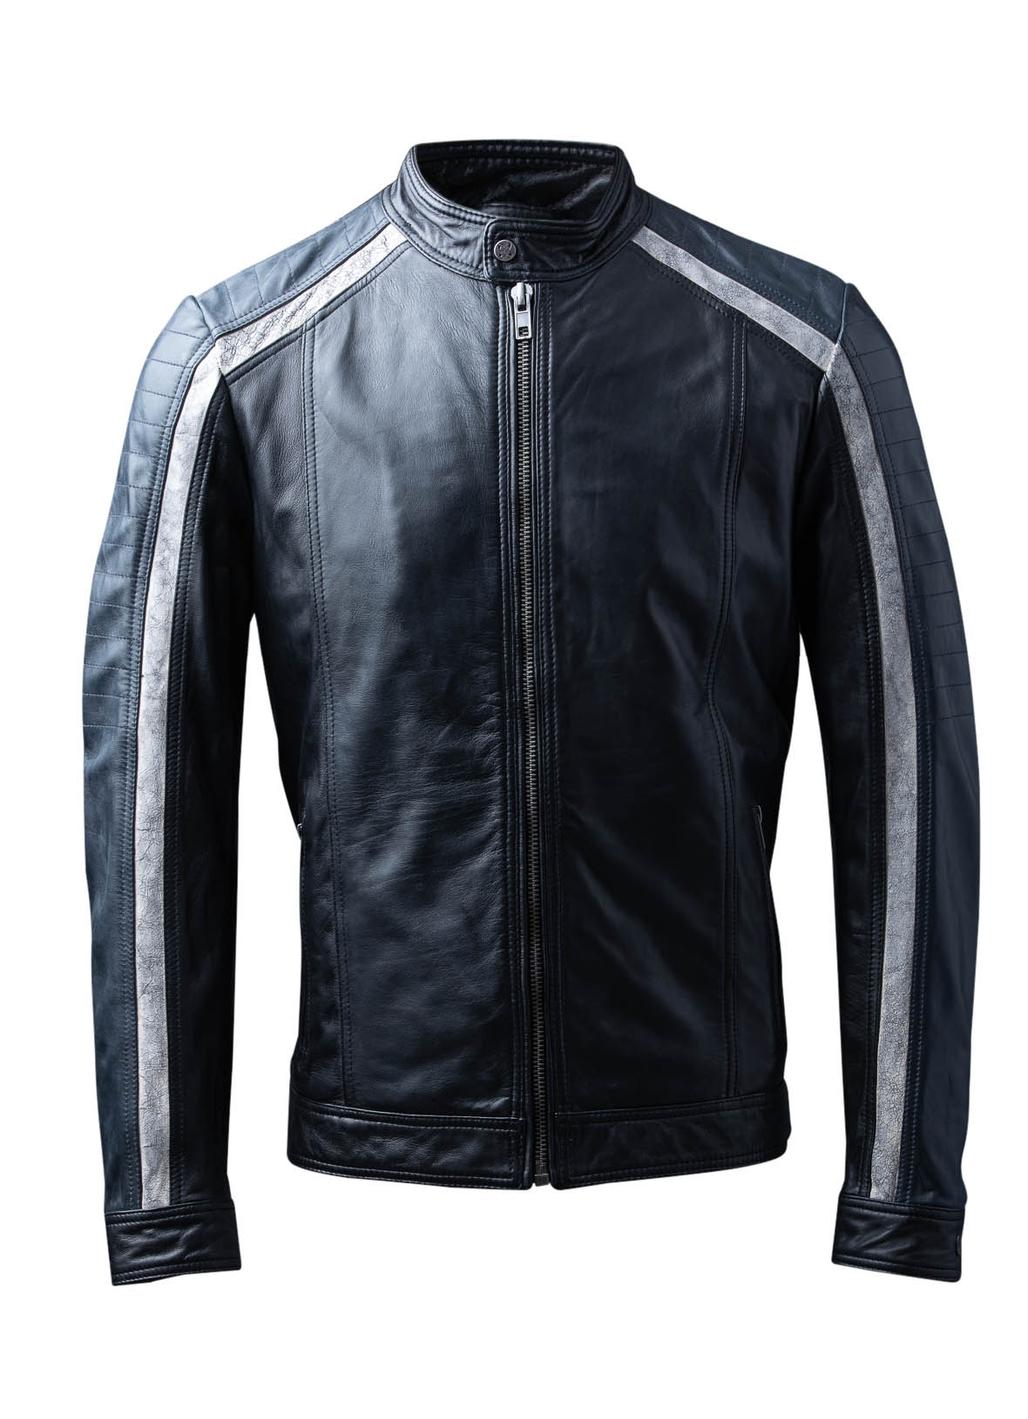 Skelton Leather Biker Jacket in Black